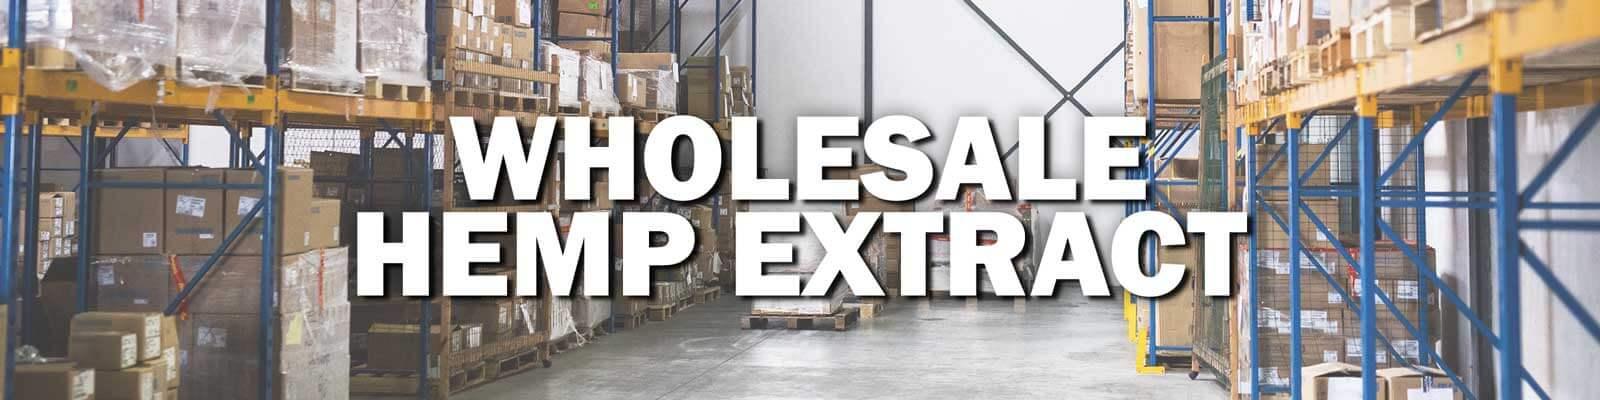 Wholesale Hemp Extract